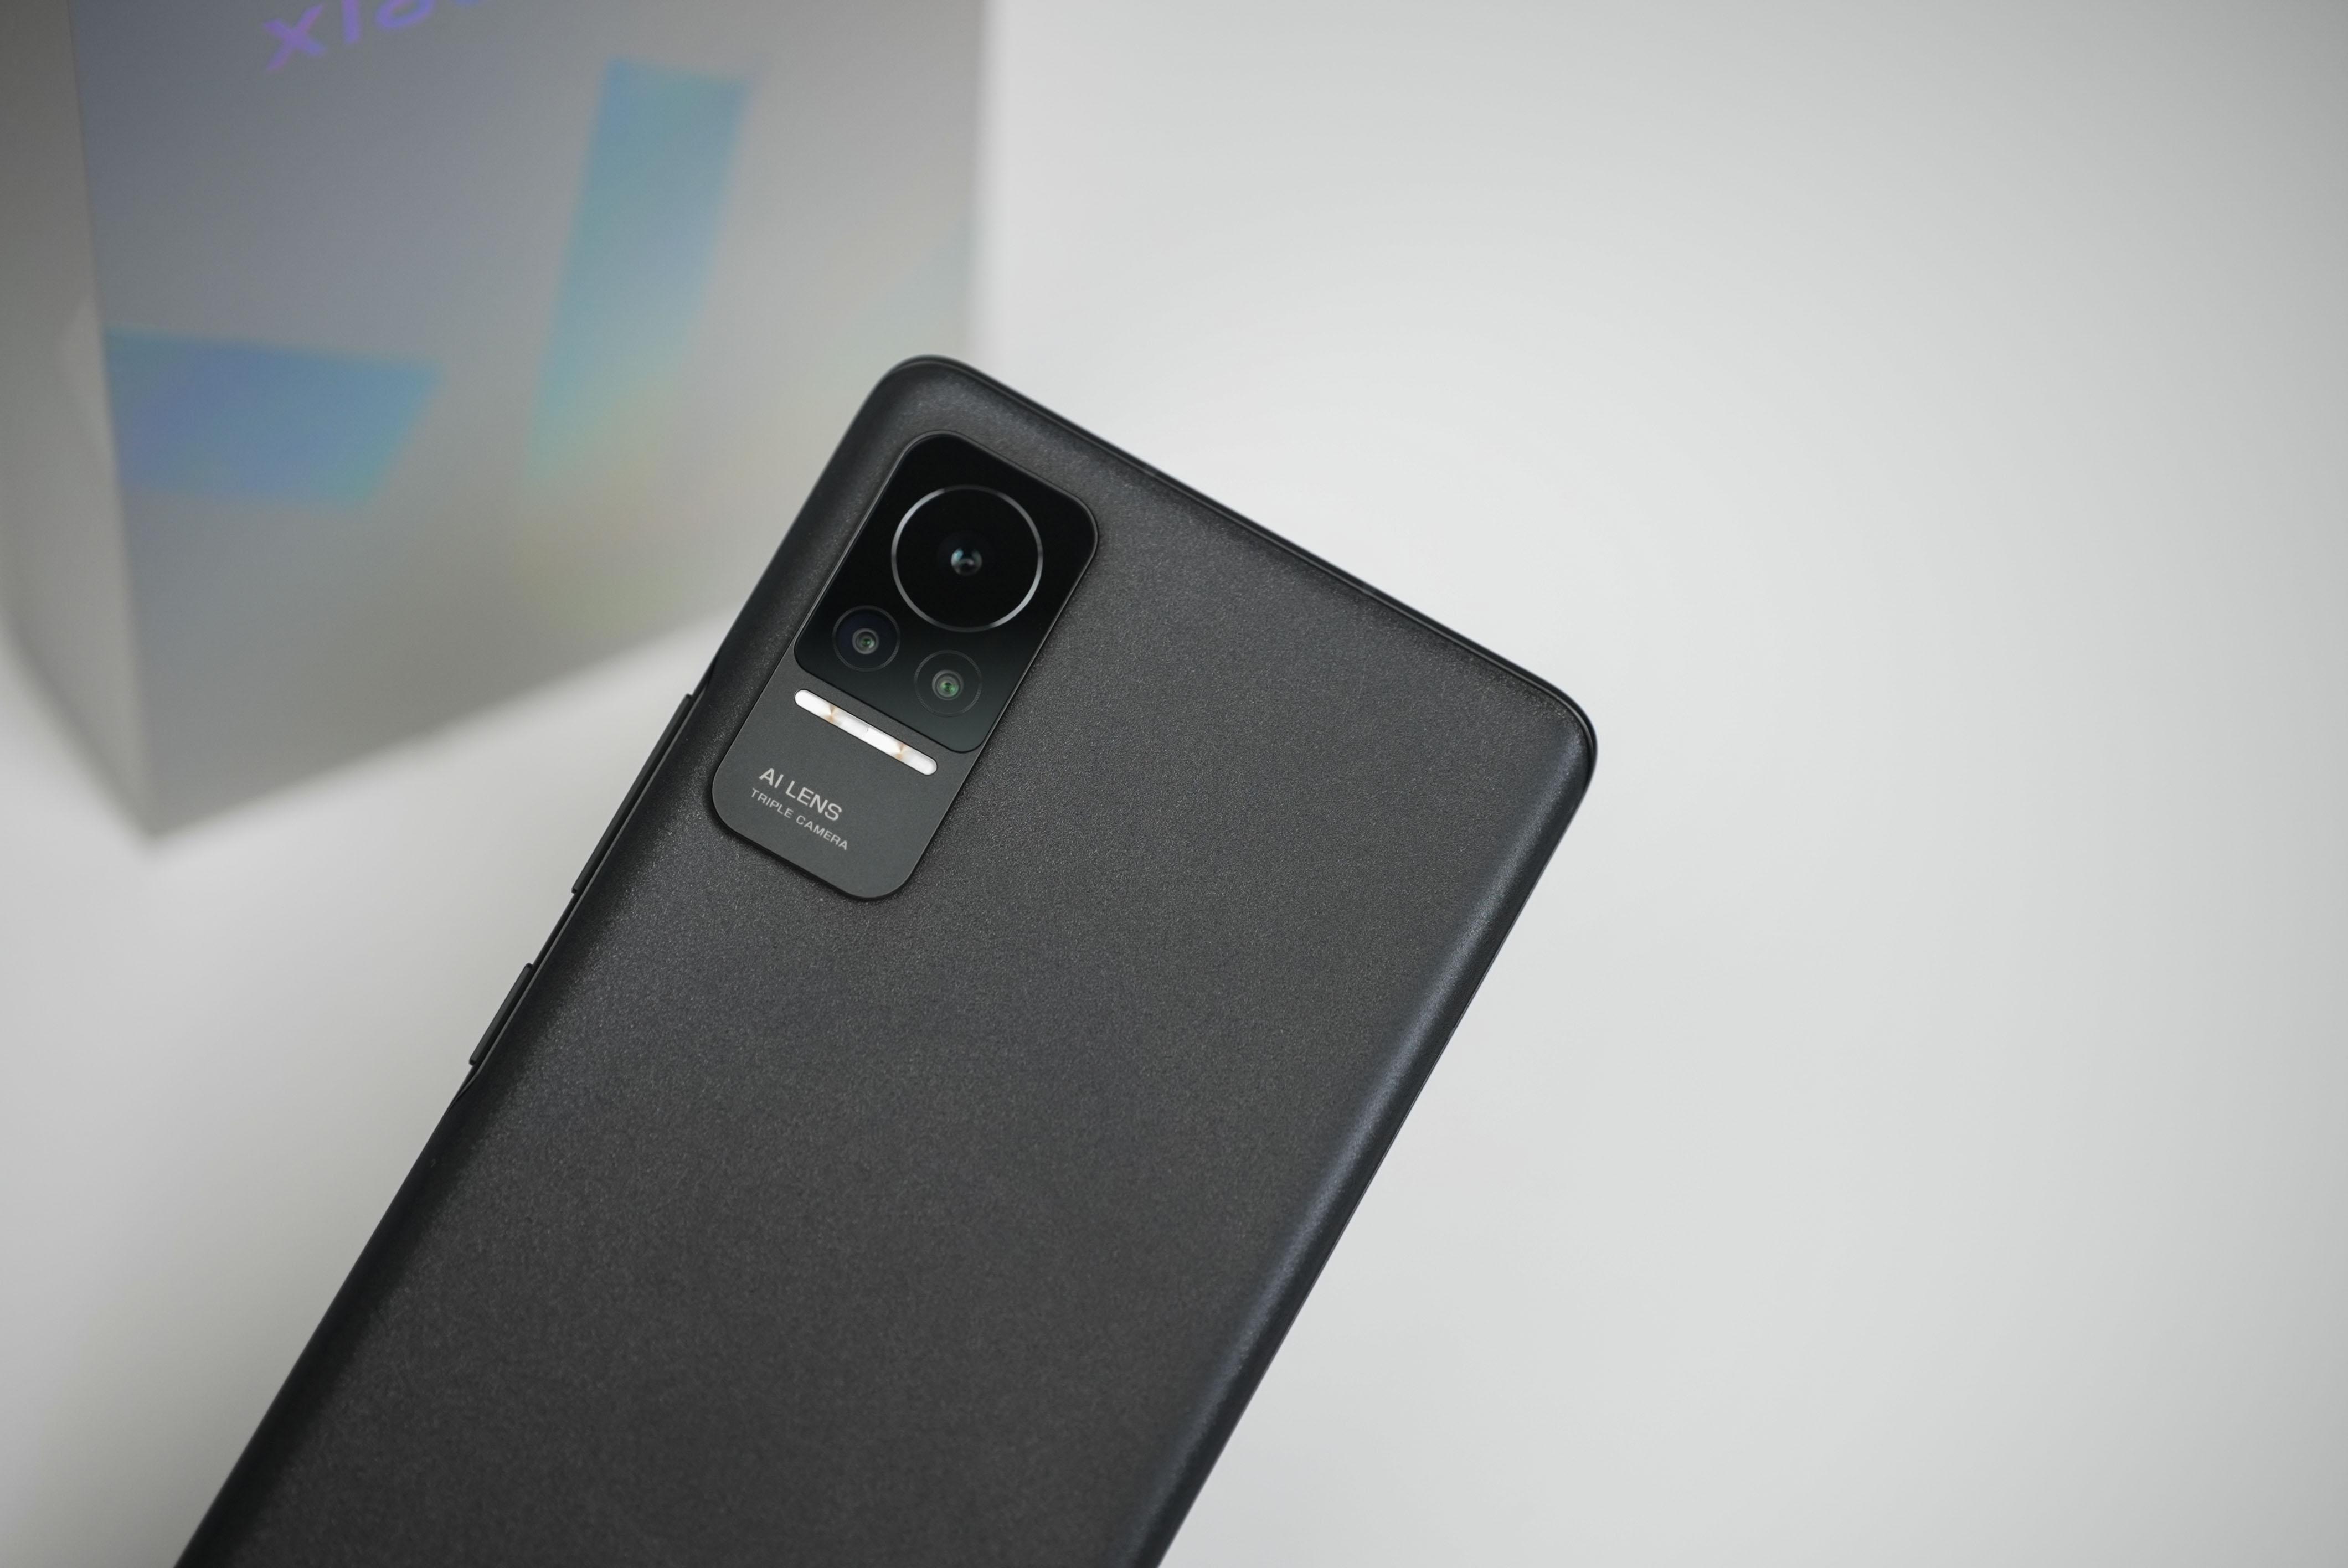 """2021年9月27日,小米在总部小米科技园召开了Civi新品发布会,会上带来了主打高颜值和自拍的全新手机系列---小米Civi。该机搭载骁龙778G芯片,号称是""""下巴最小的小米手机""""。"""